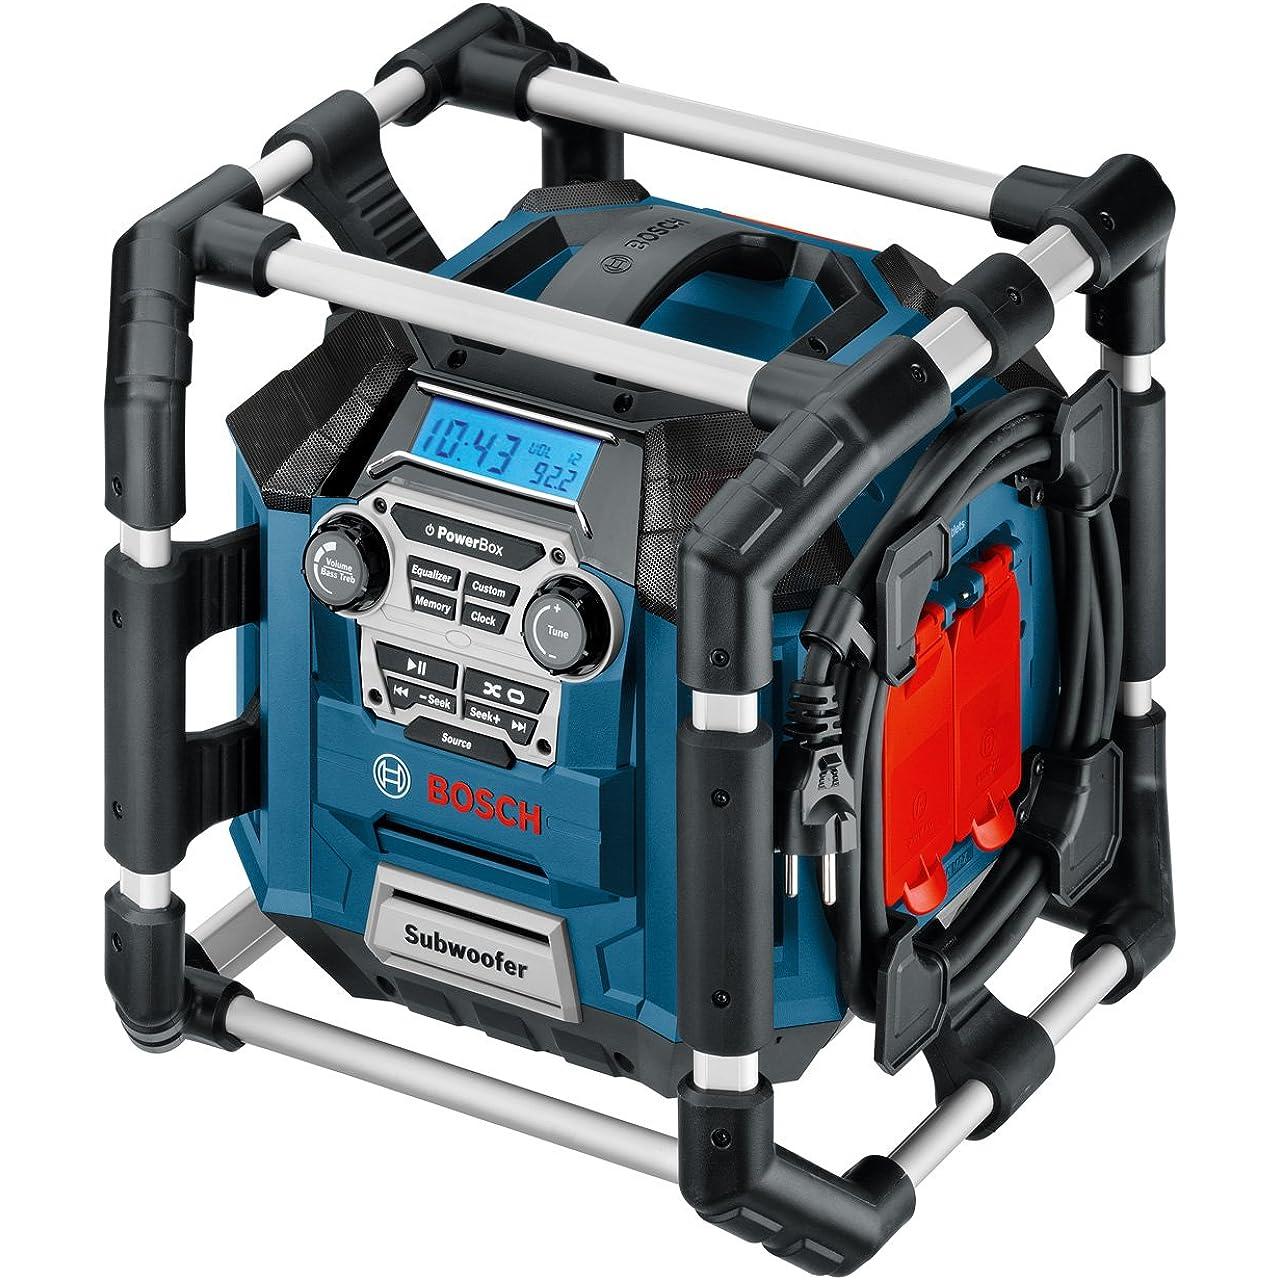 Einige Baustellenradios sind sogar mit einem USB-Anschluss und SD-Karten-Slot ausgestattet.